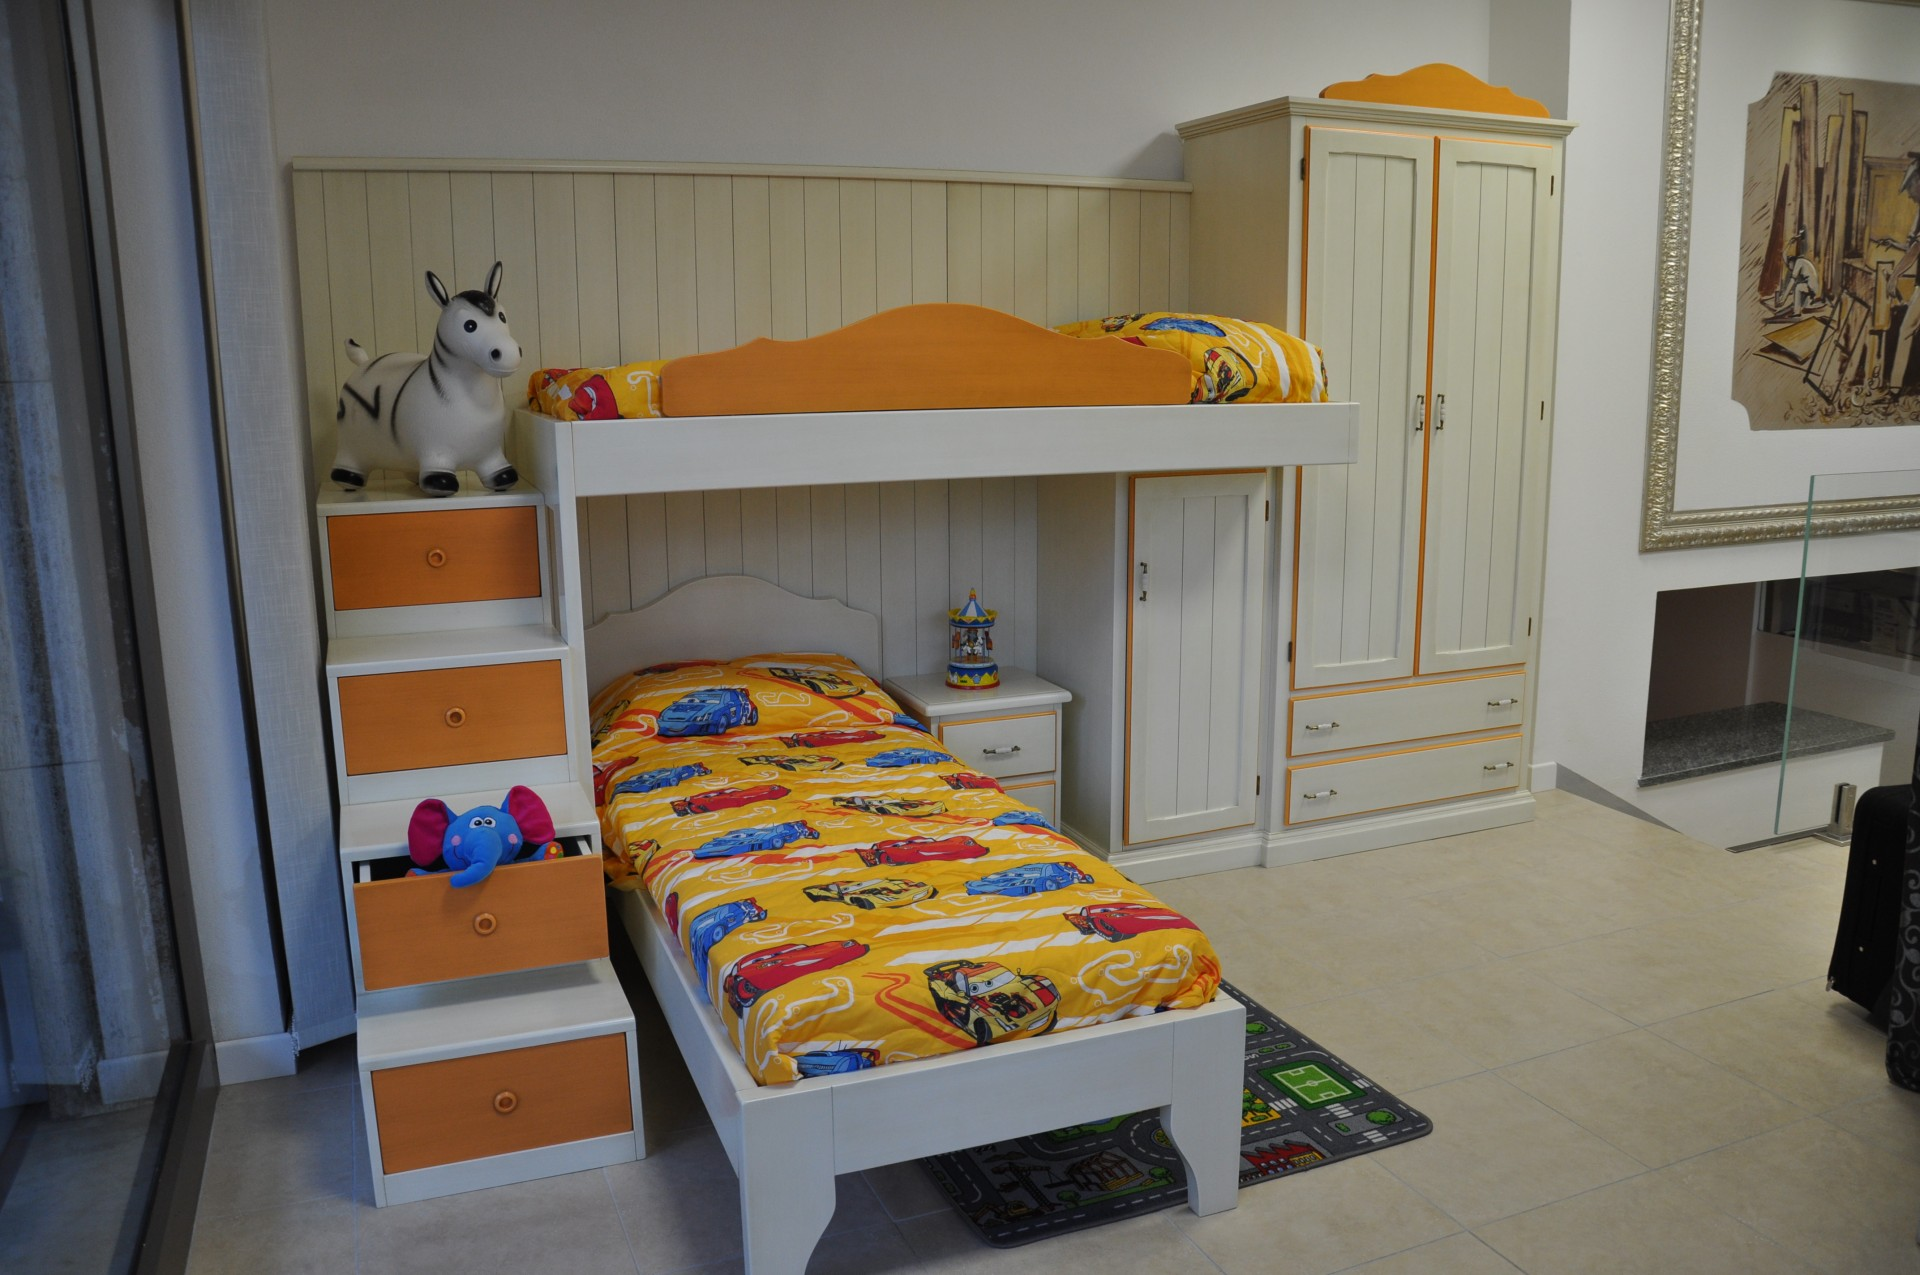 Camere bambino fadini mobili cerea verona for Camera x bambini